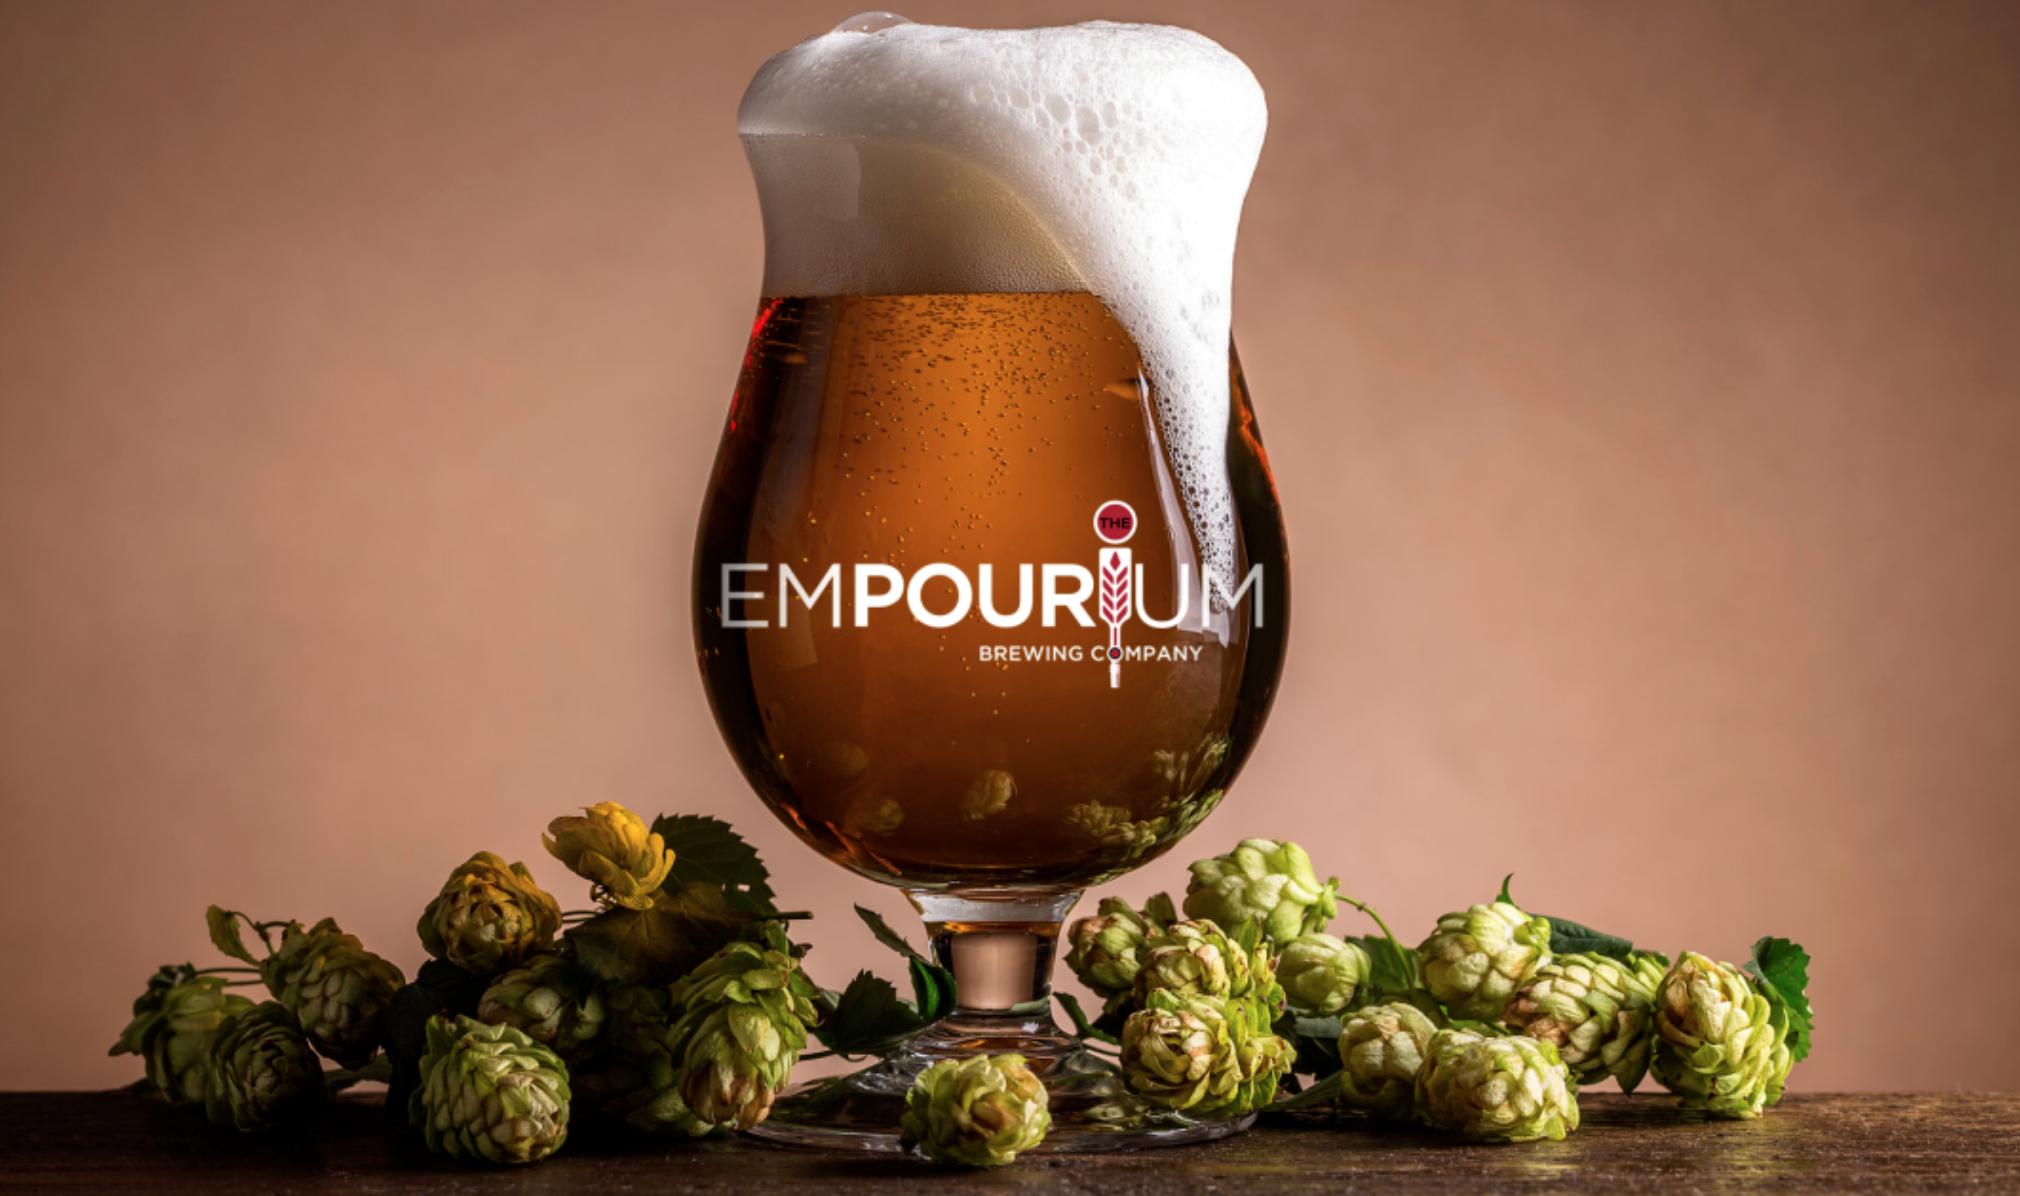 Empourium Brewing Company